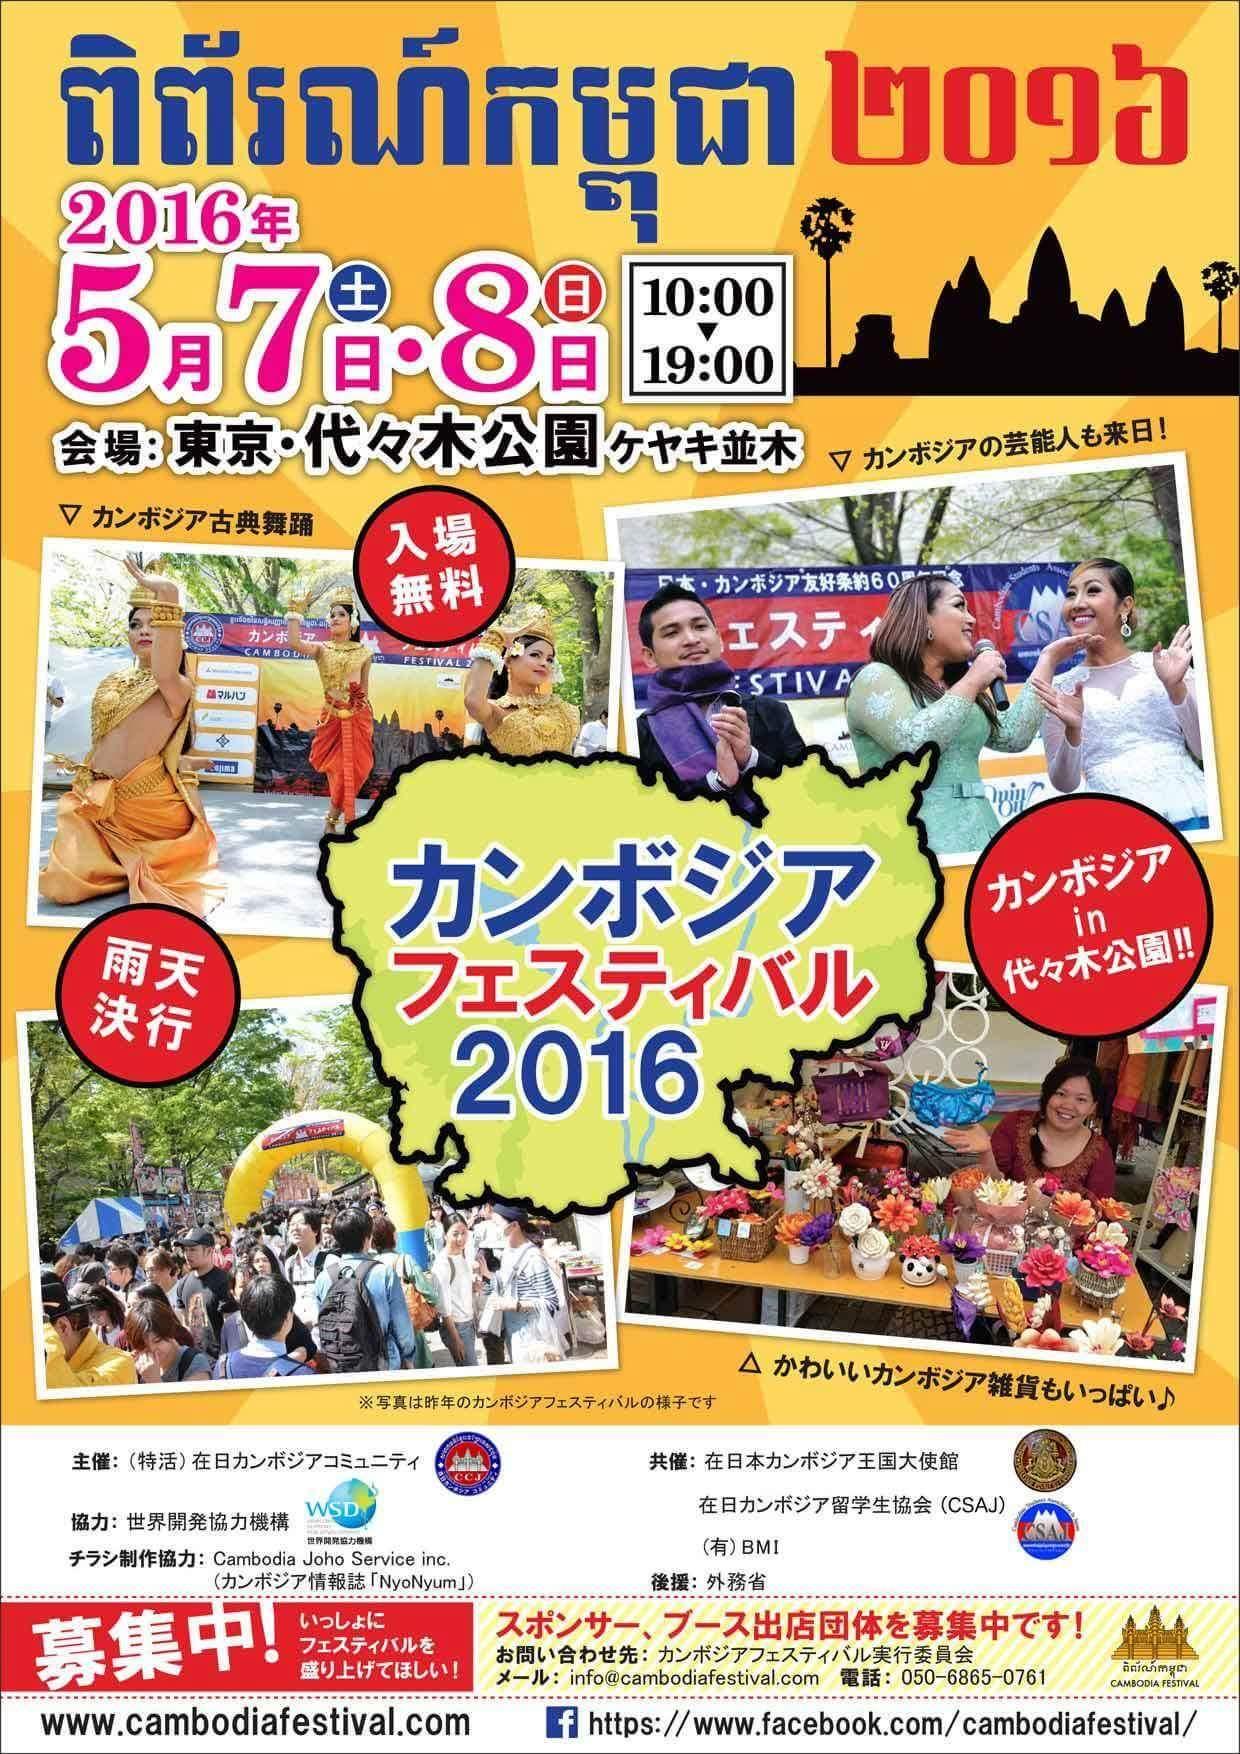 Cambodia Festival 2016